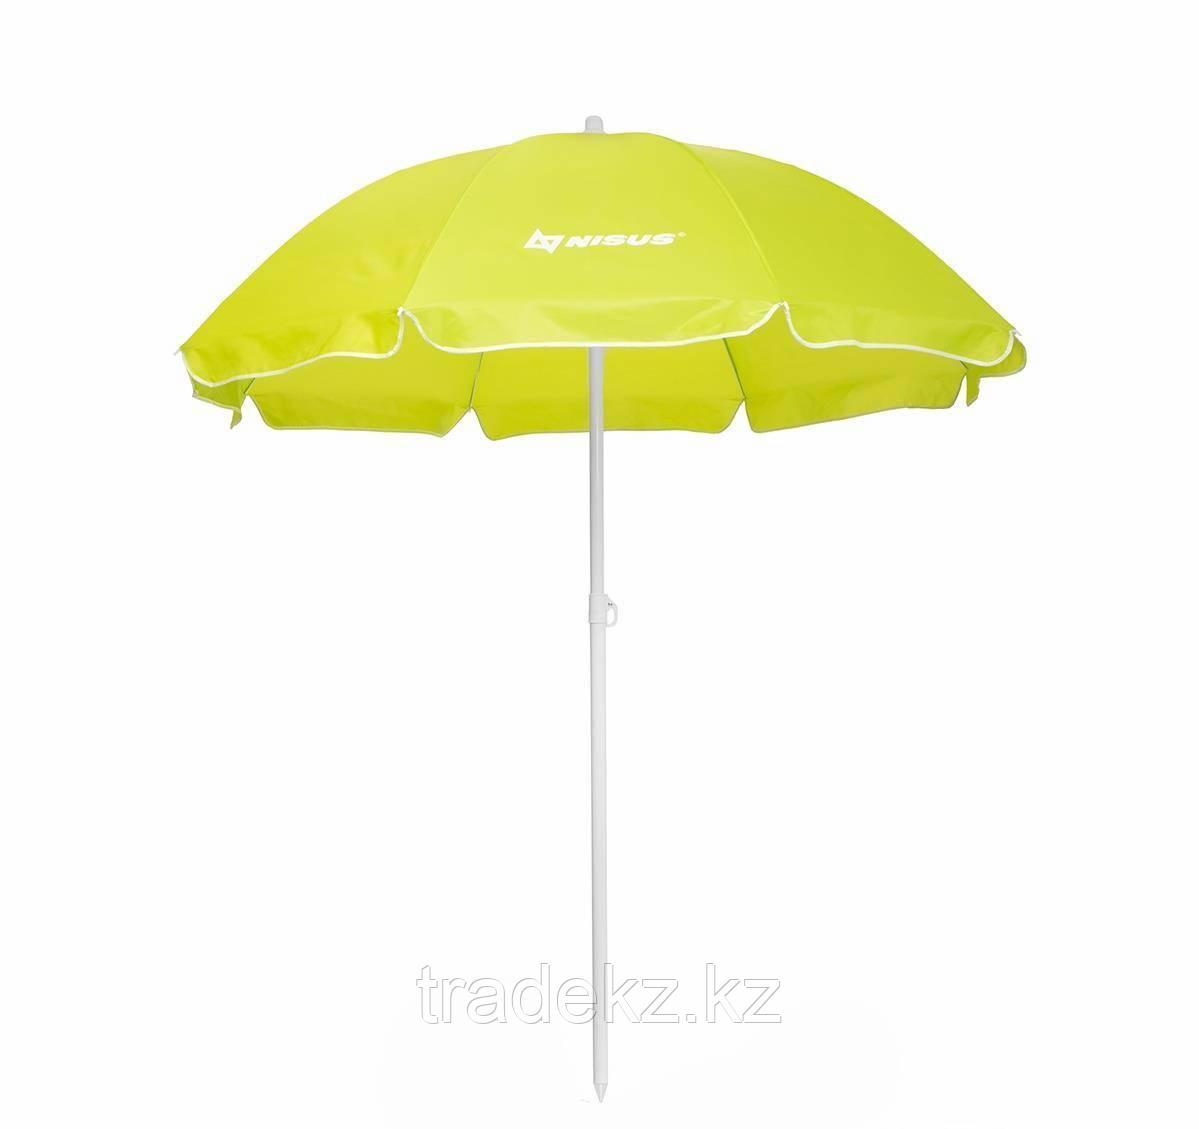 Зонт пляжный ТОНАР NISUS N-200N прямой